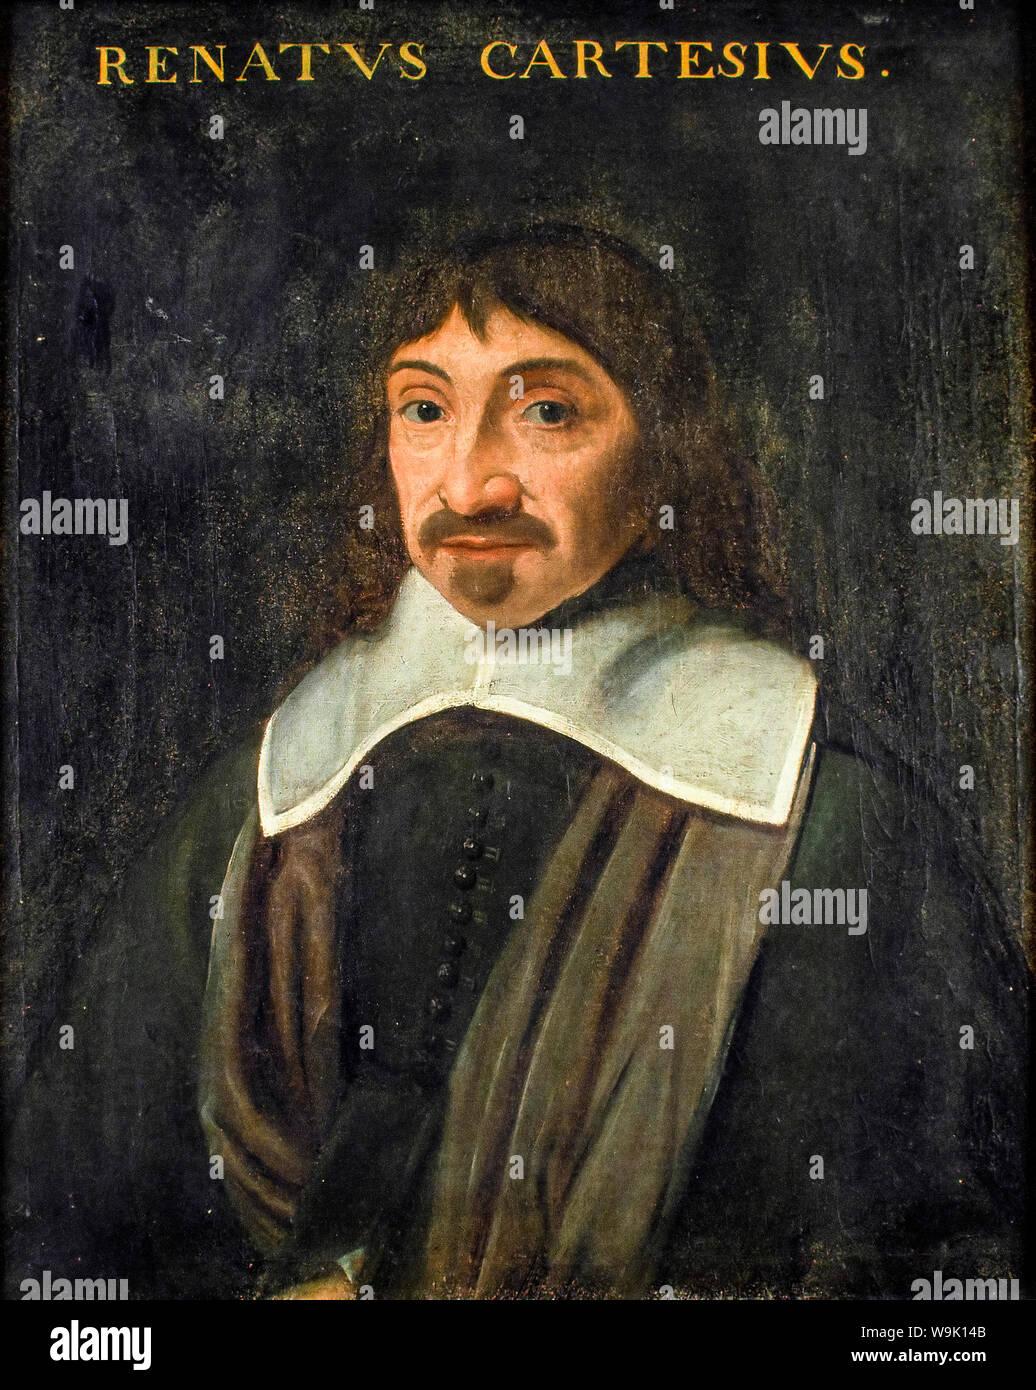 René Descartes (1596-1650), portrait painting, 1600-1650 Stock Photo